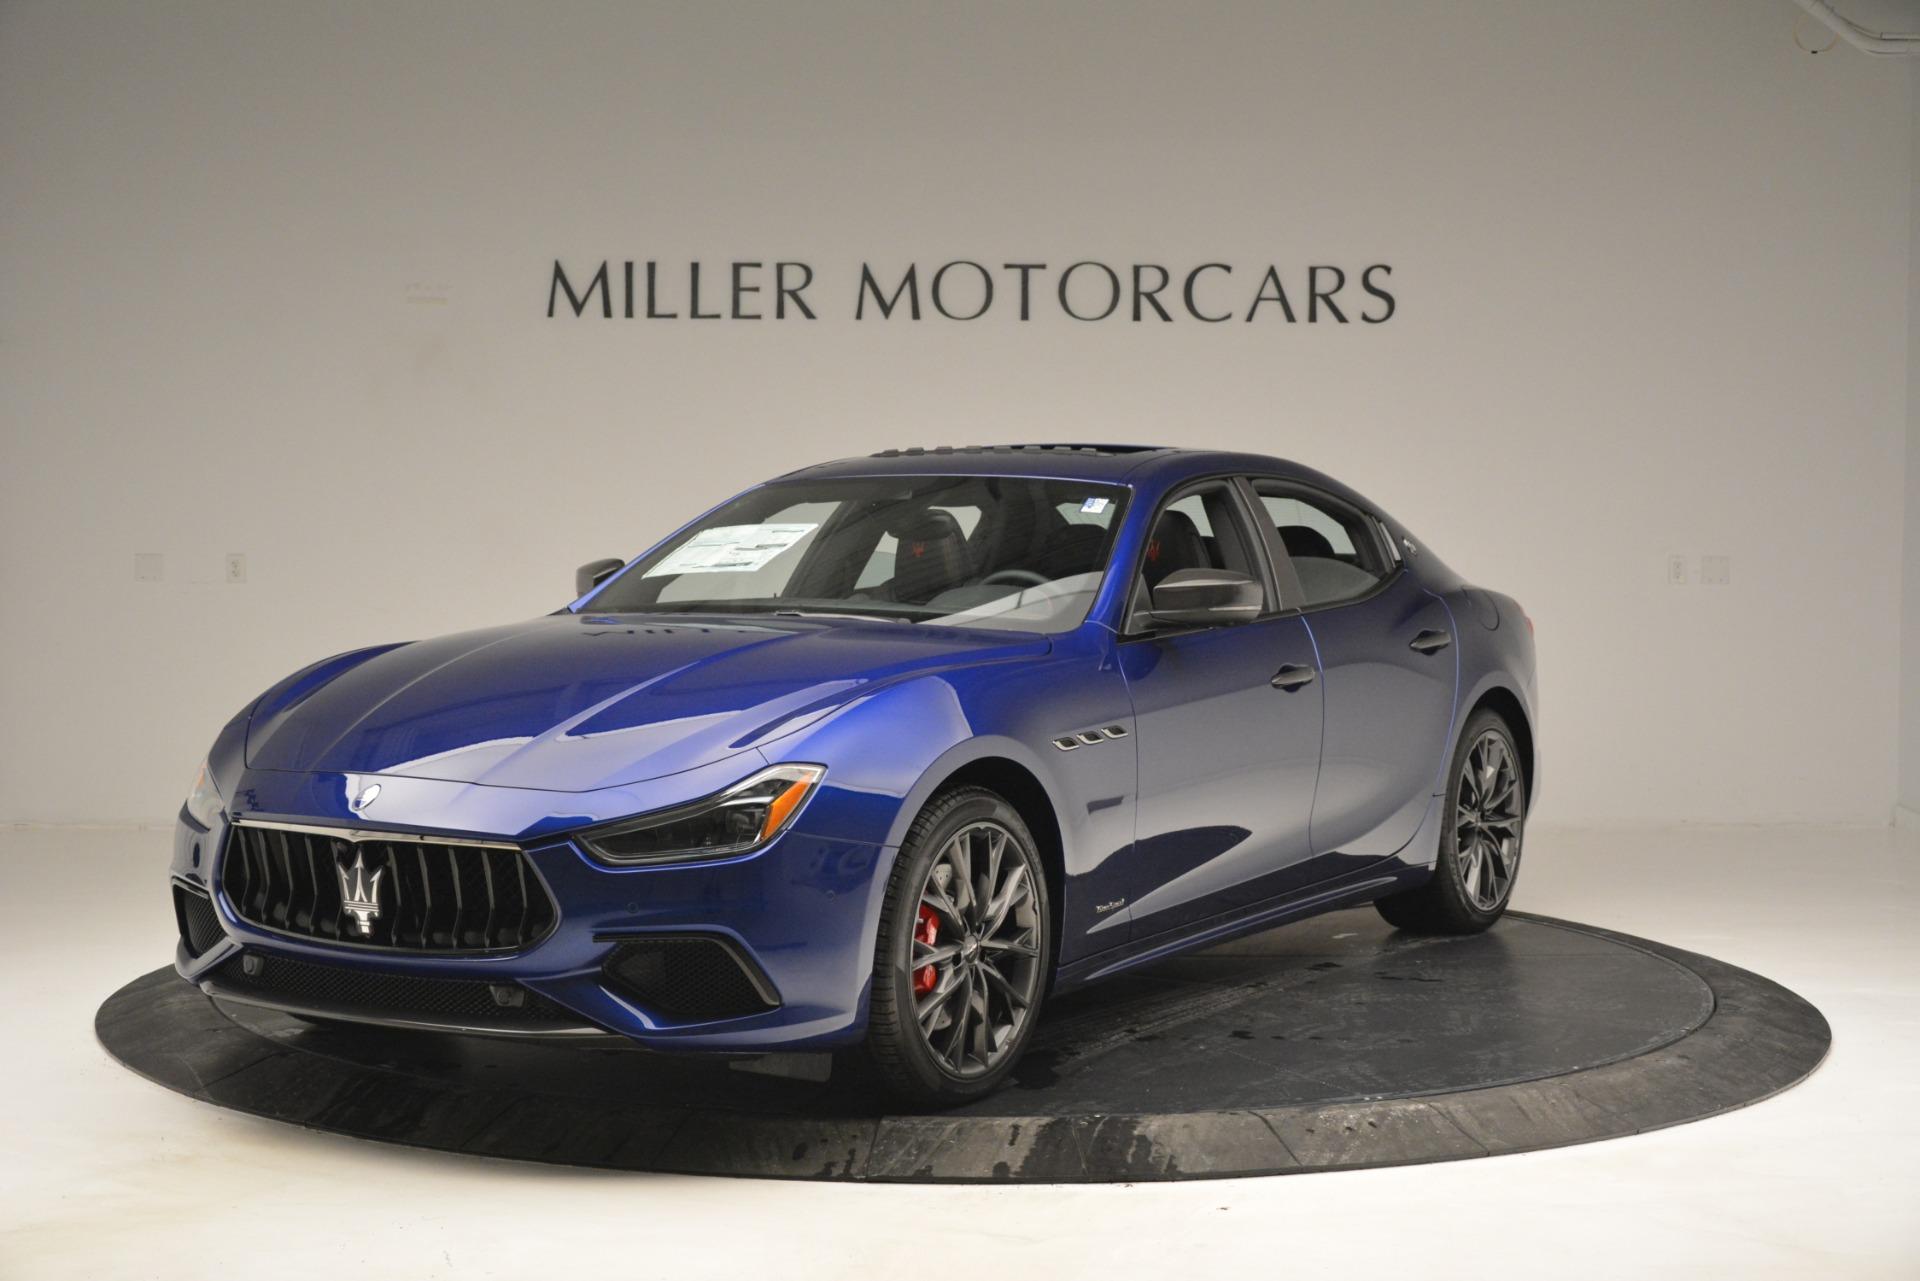 New 2019 Maserati Ghibli S Q4 GranSport For Sale In Westport, CT 2978_main